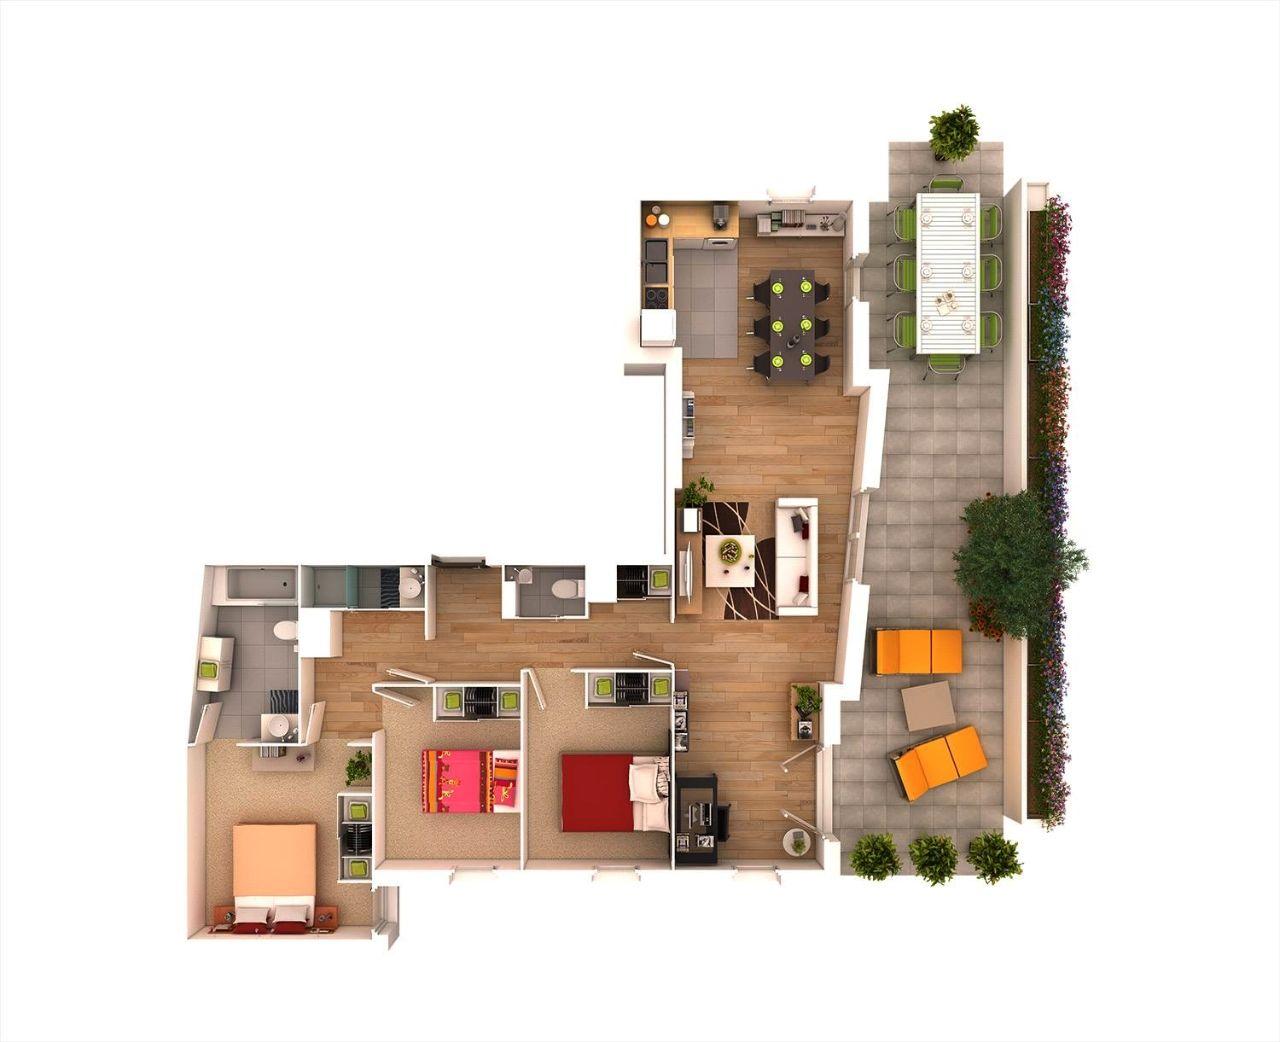 Bản vẽ thiết kế nội thất nhà cấp 4 sân vườn